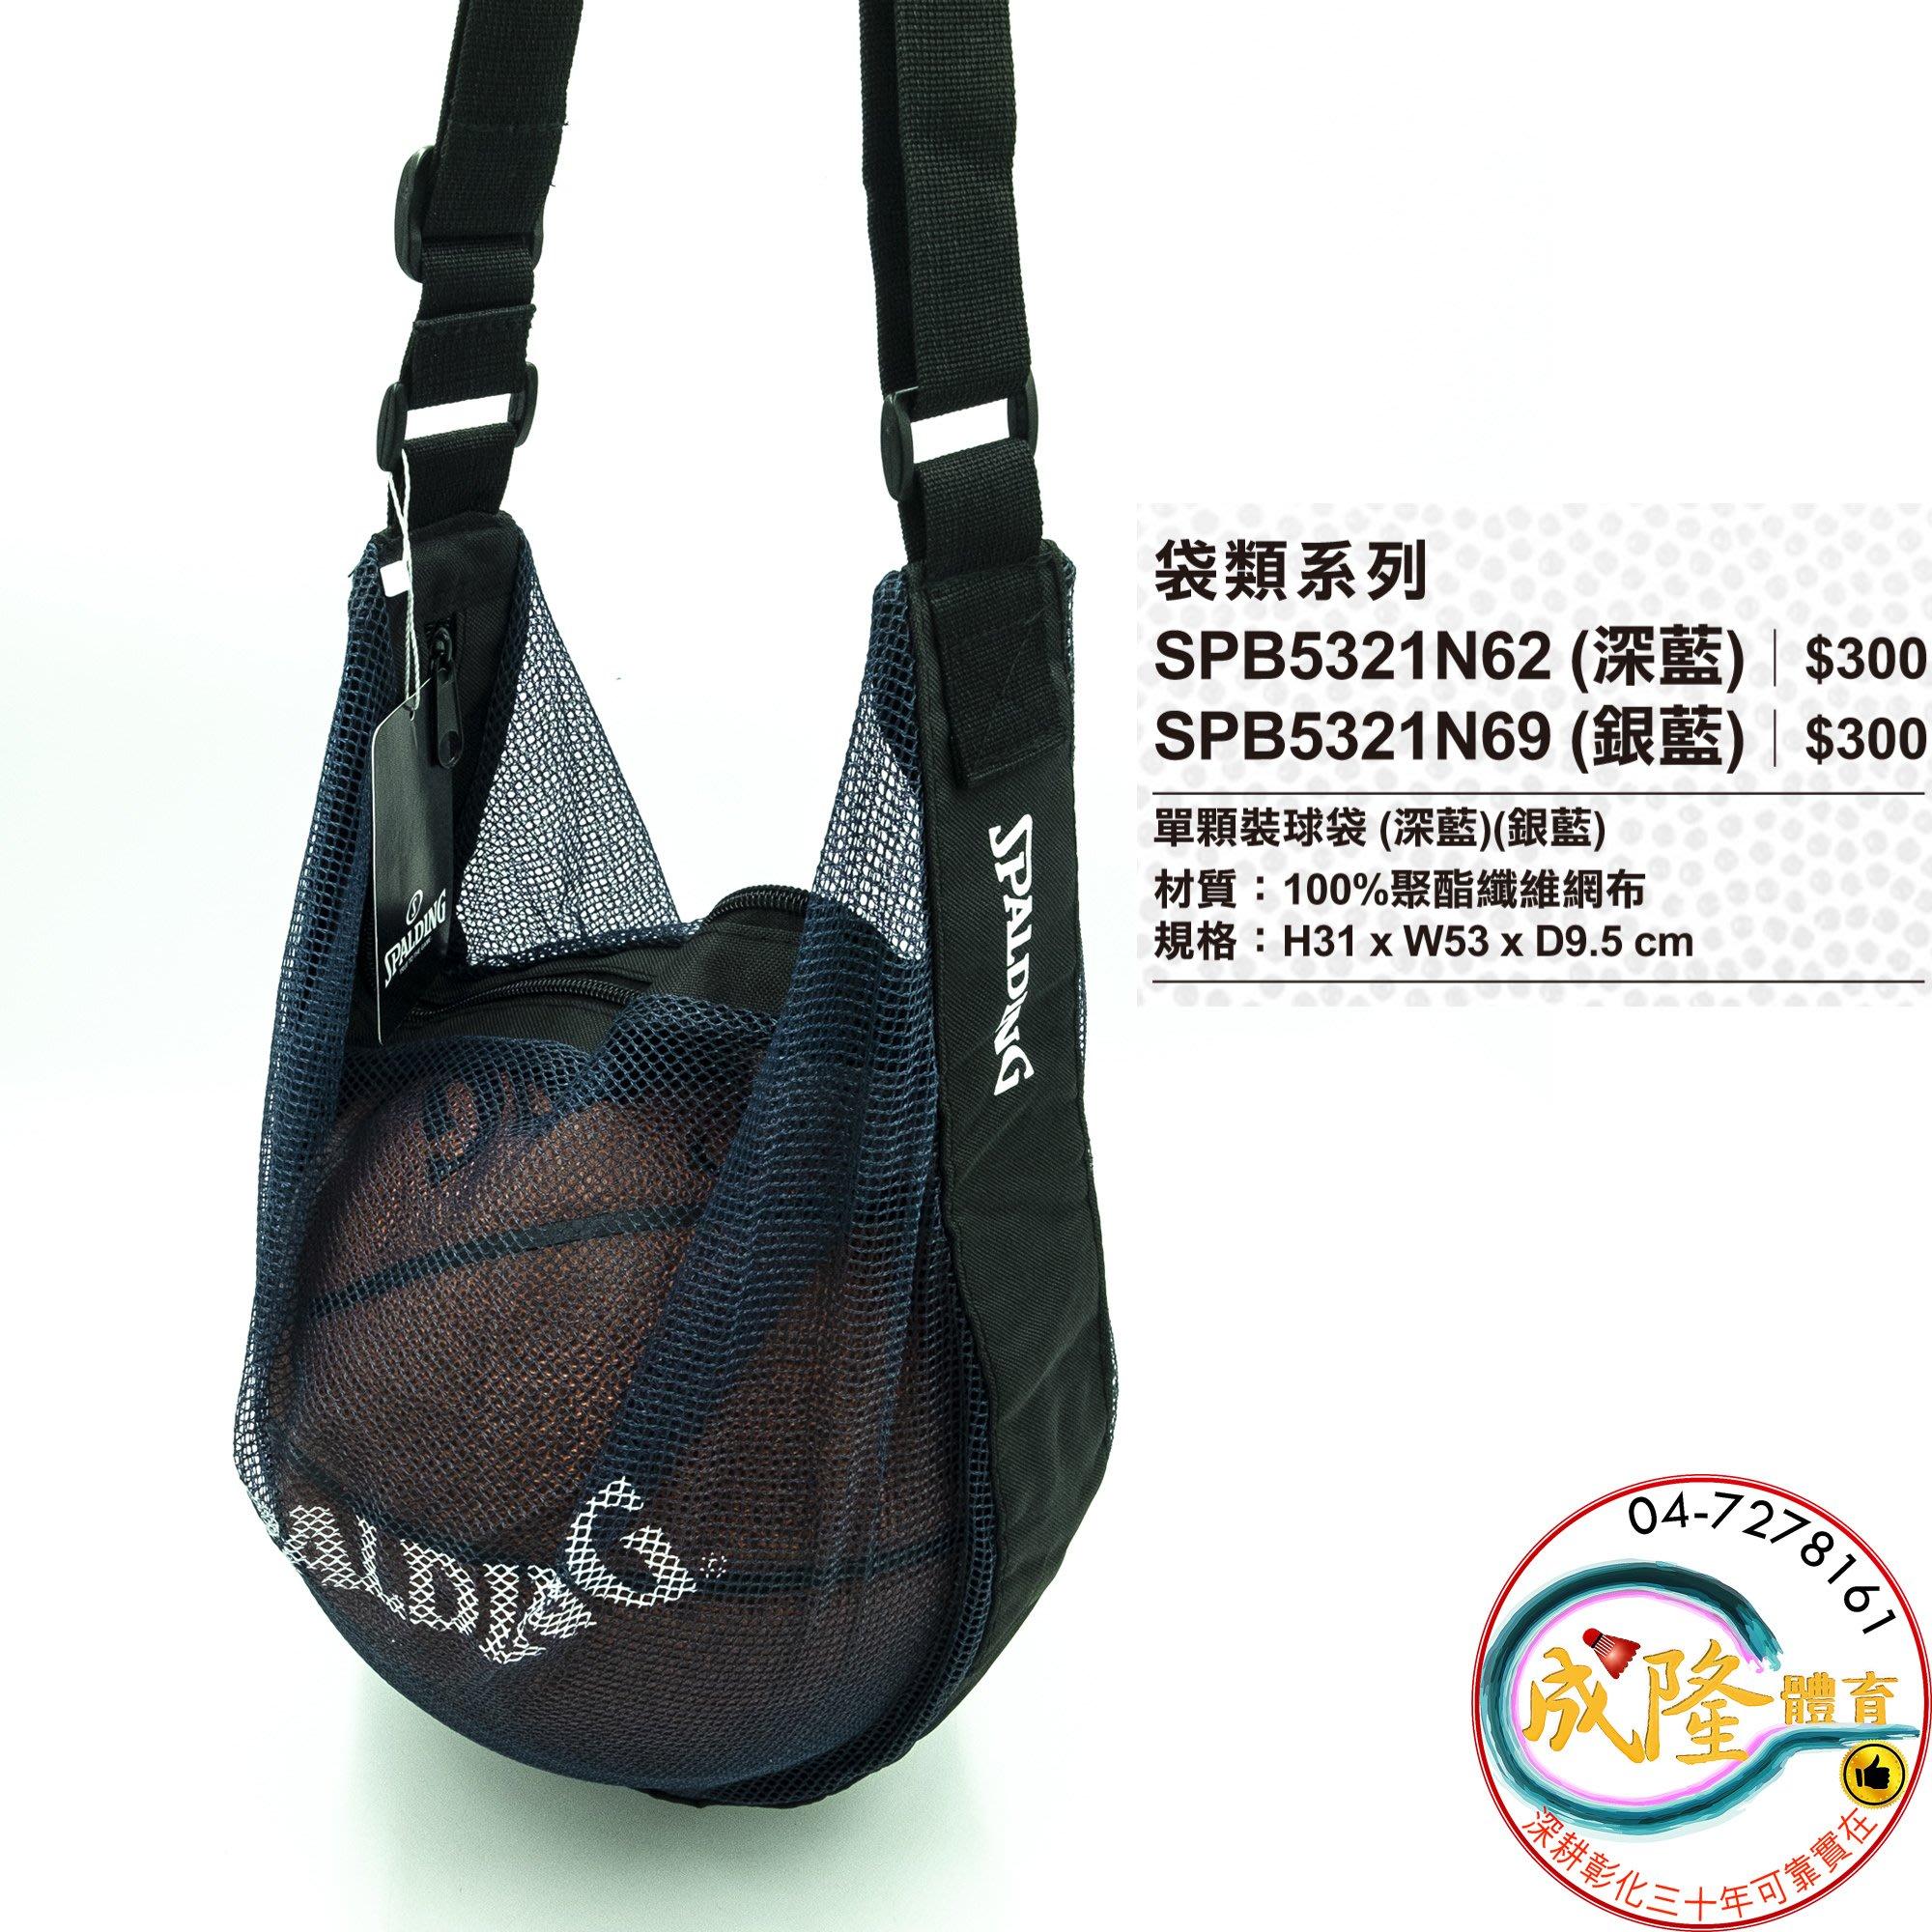 §成隆體育§ SPALDING 籃球袋 深藍 銀藍 SPB5321N 斯伯丁 透氣網袋 籃球 球袋 不含球 公司貨附發票